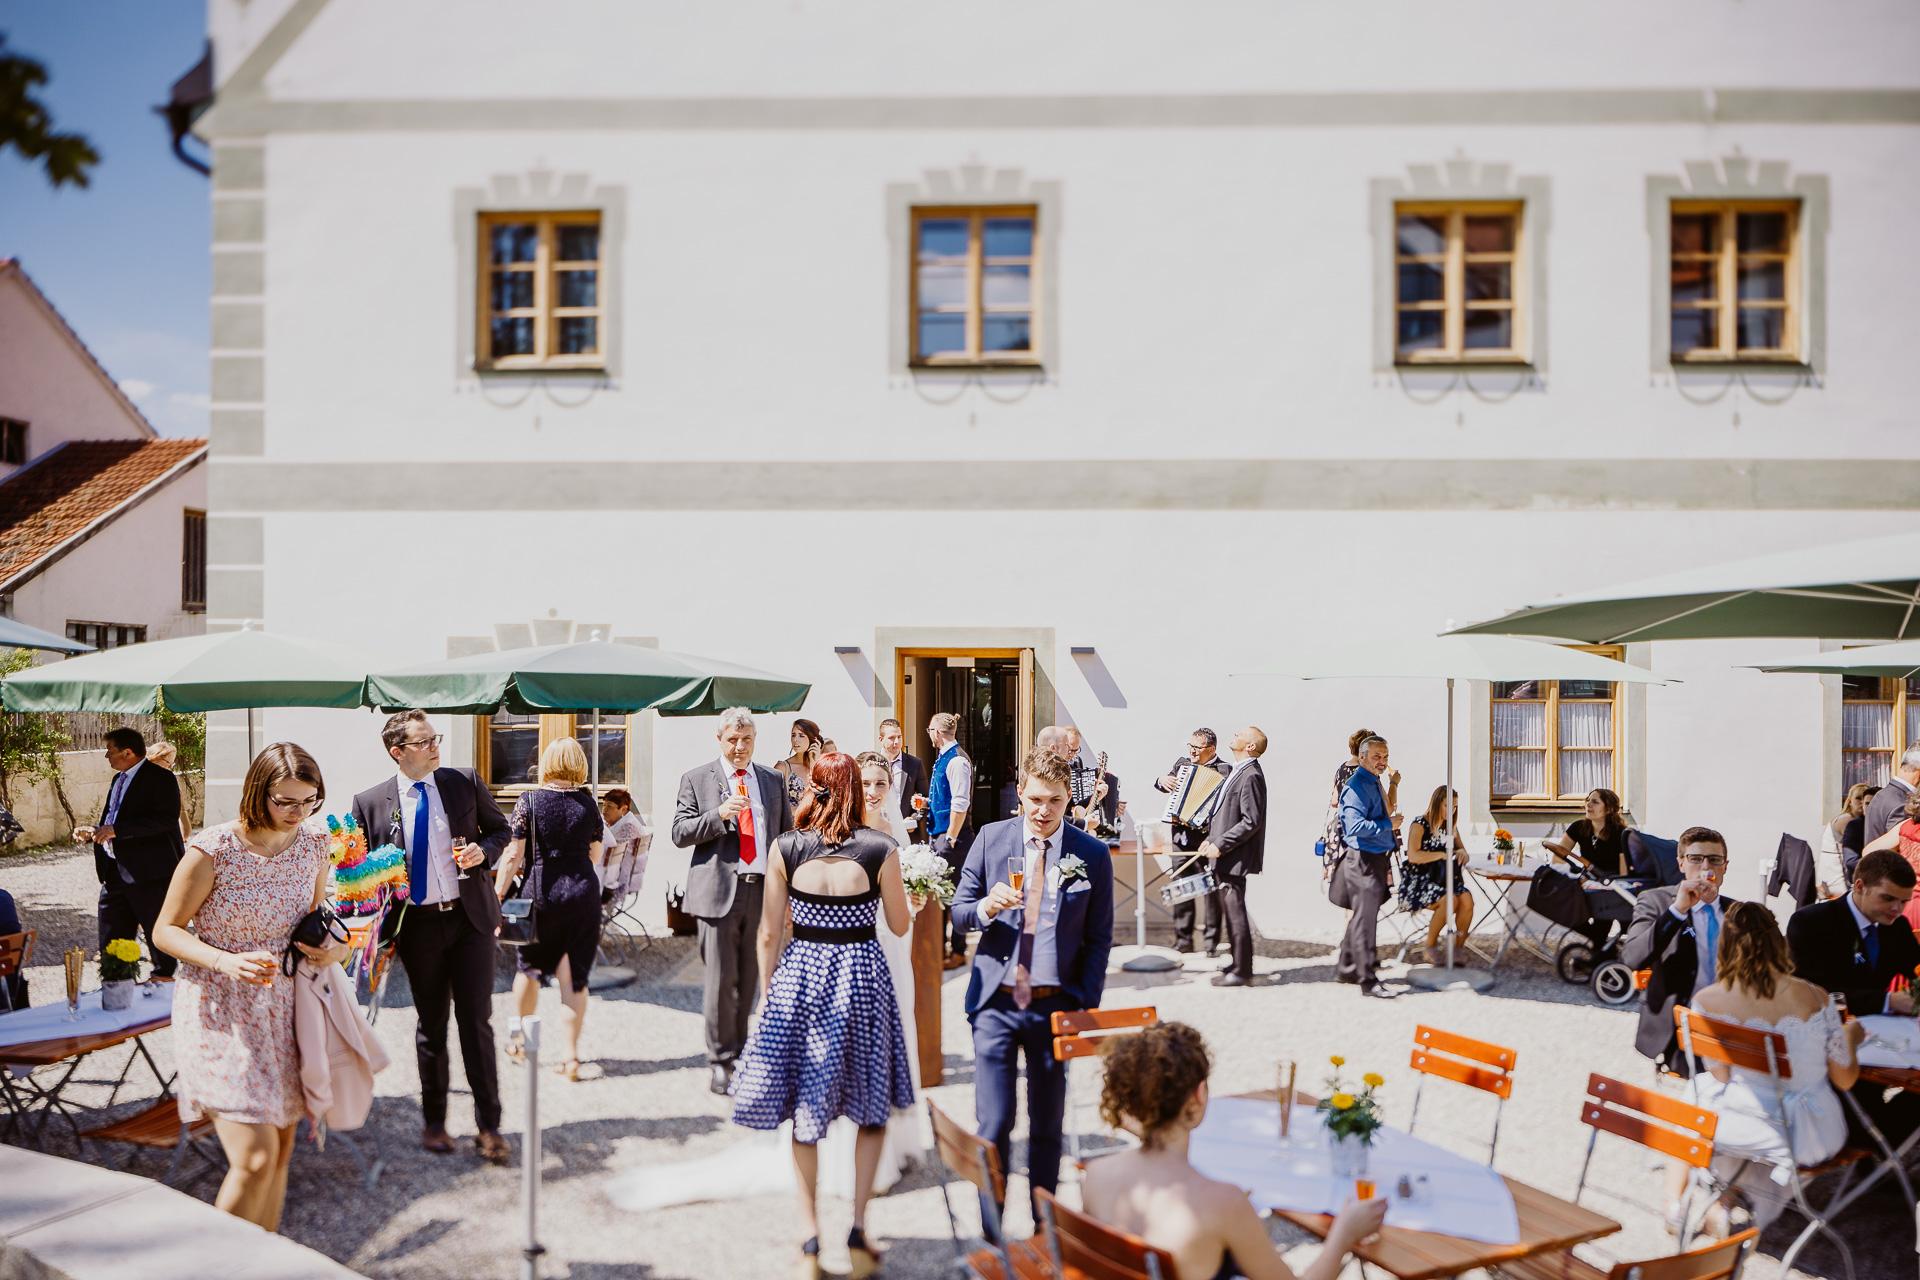 Alexander Utz, Fotografie, Hochzeit, Augsburg, Brautkleid, Brautstrauss-71